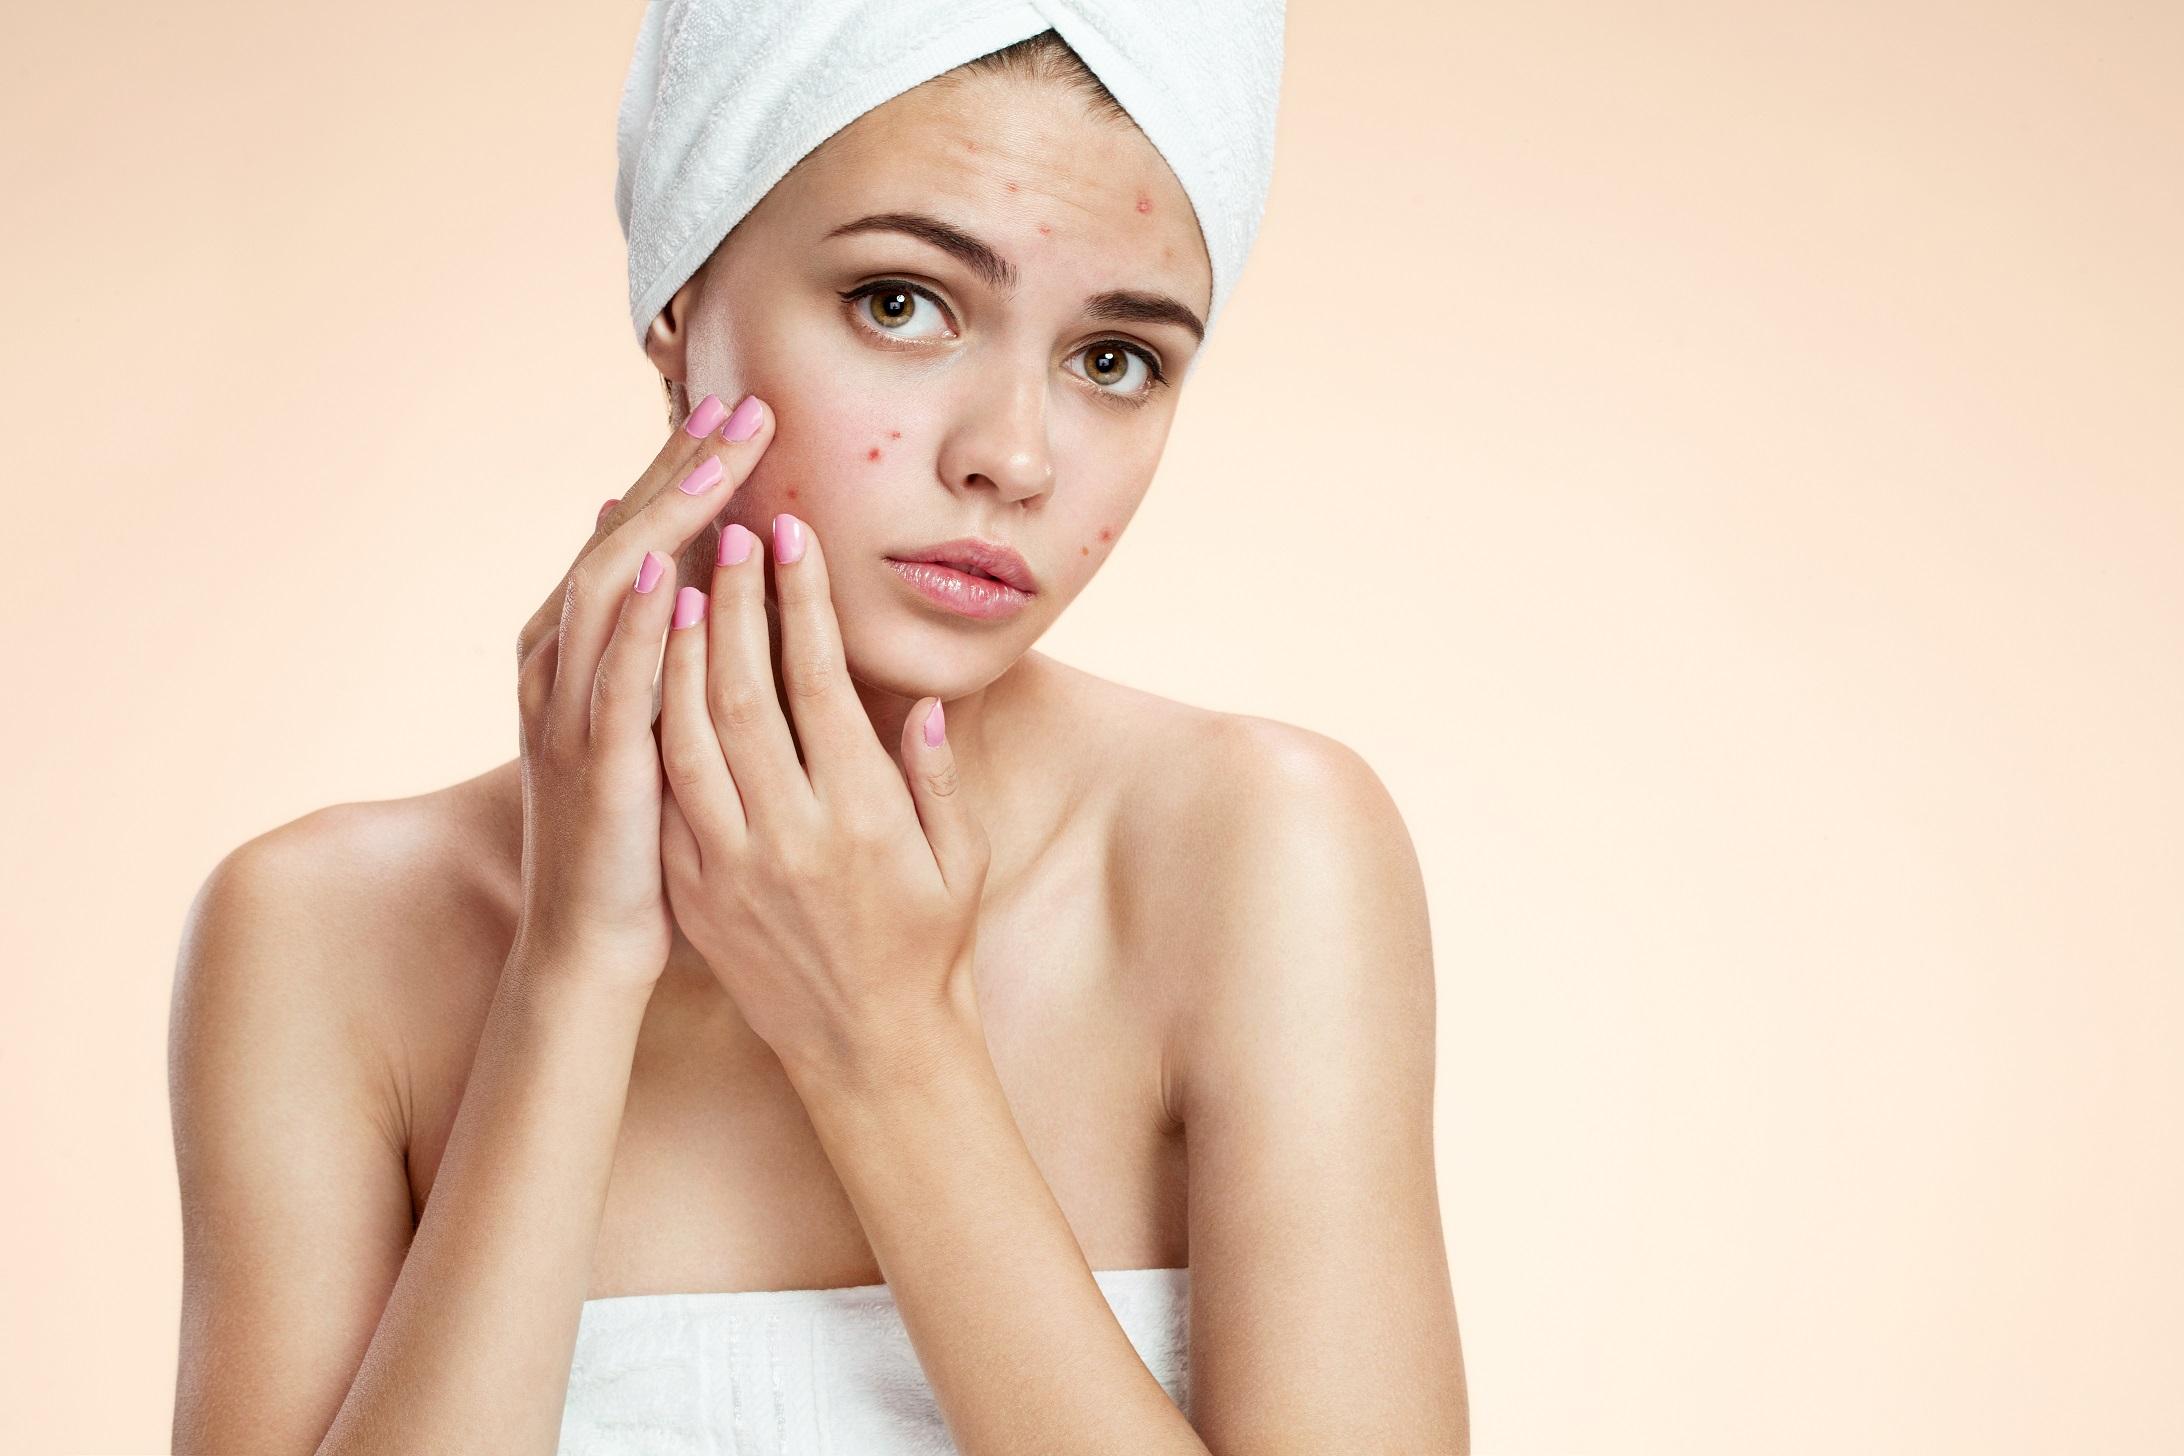 Folosirea corecta a fondului de ten pentru a preveni aparitia acneei